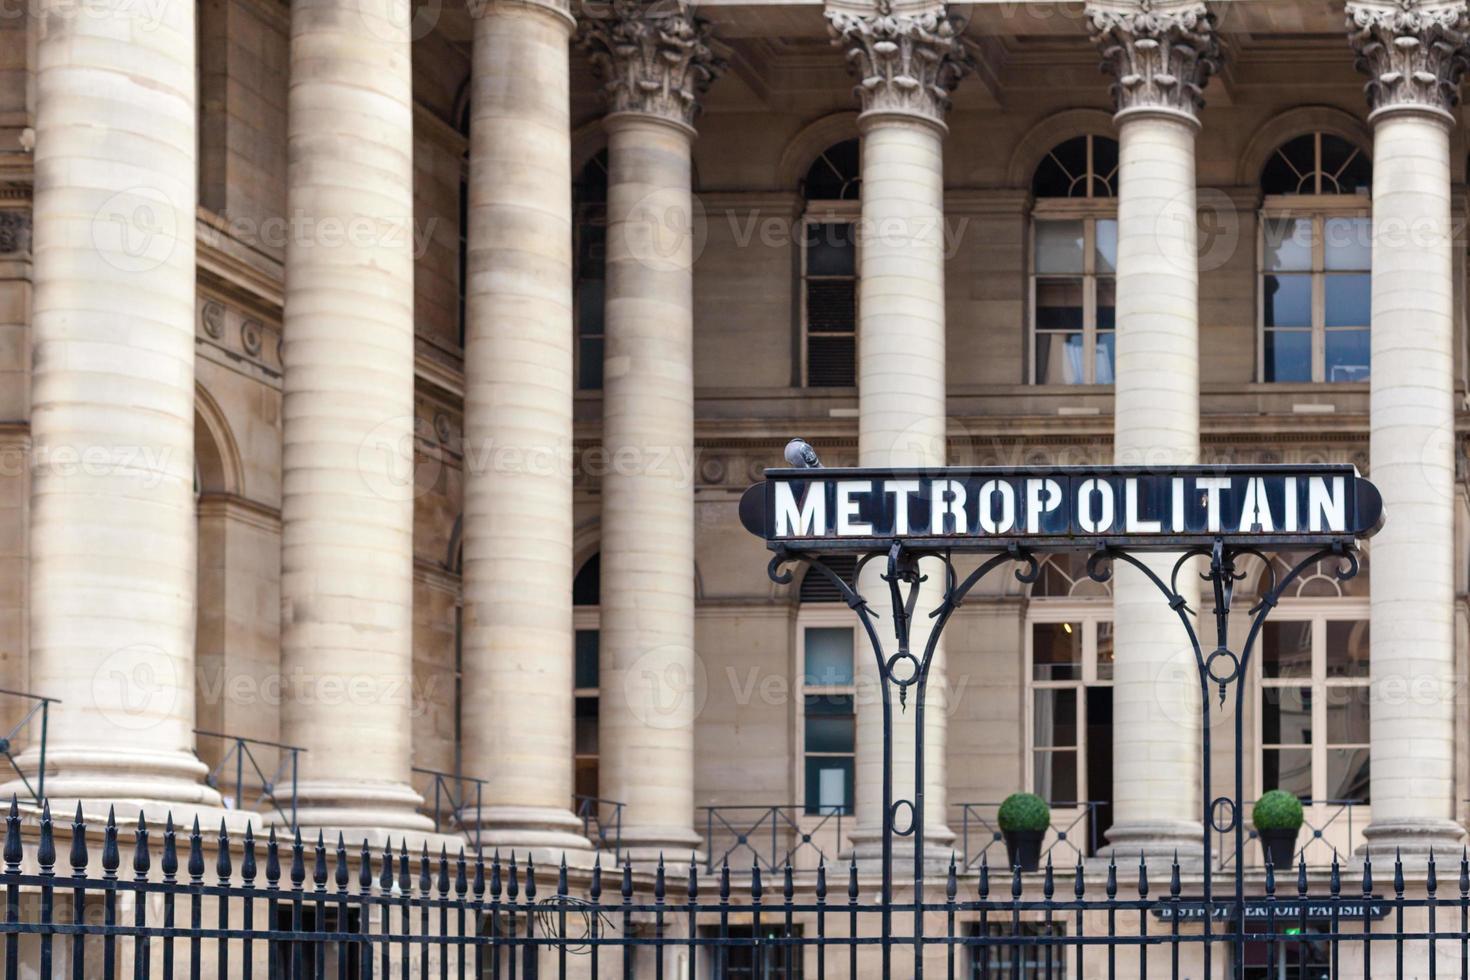 Metropolitain-Zeichen foto